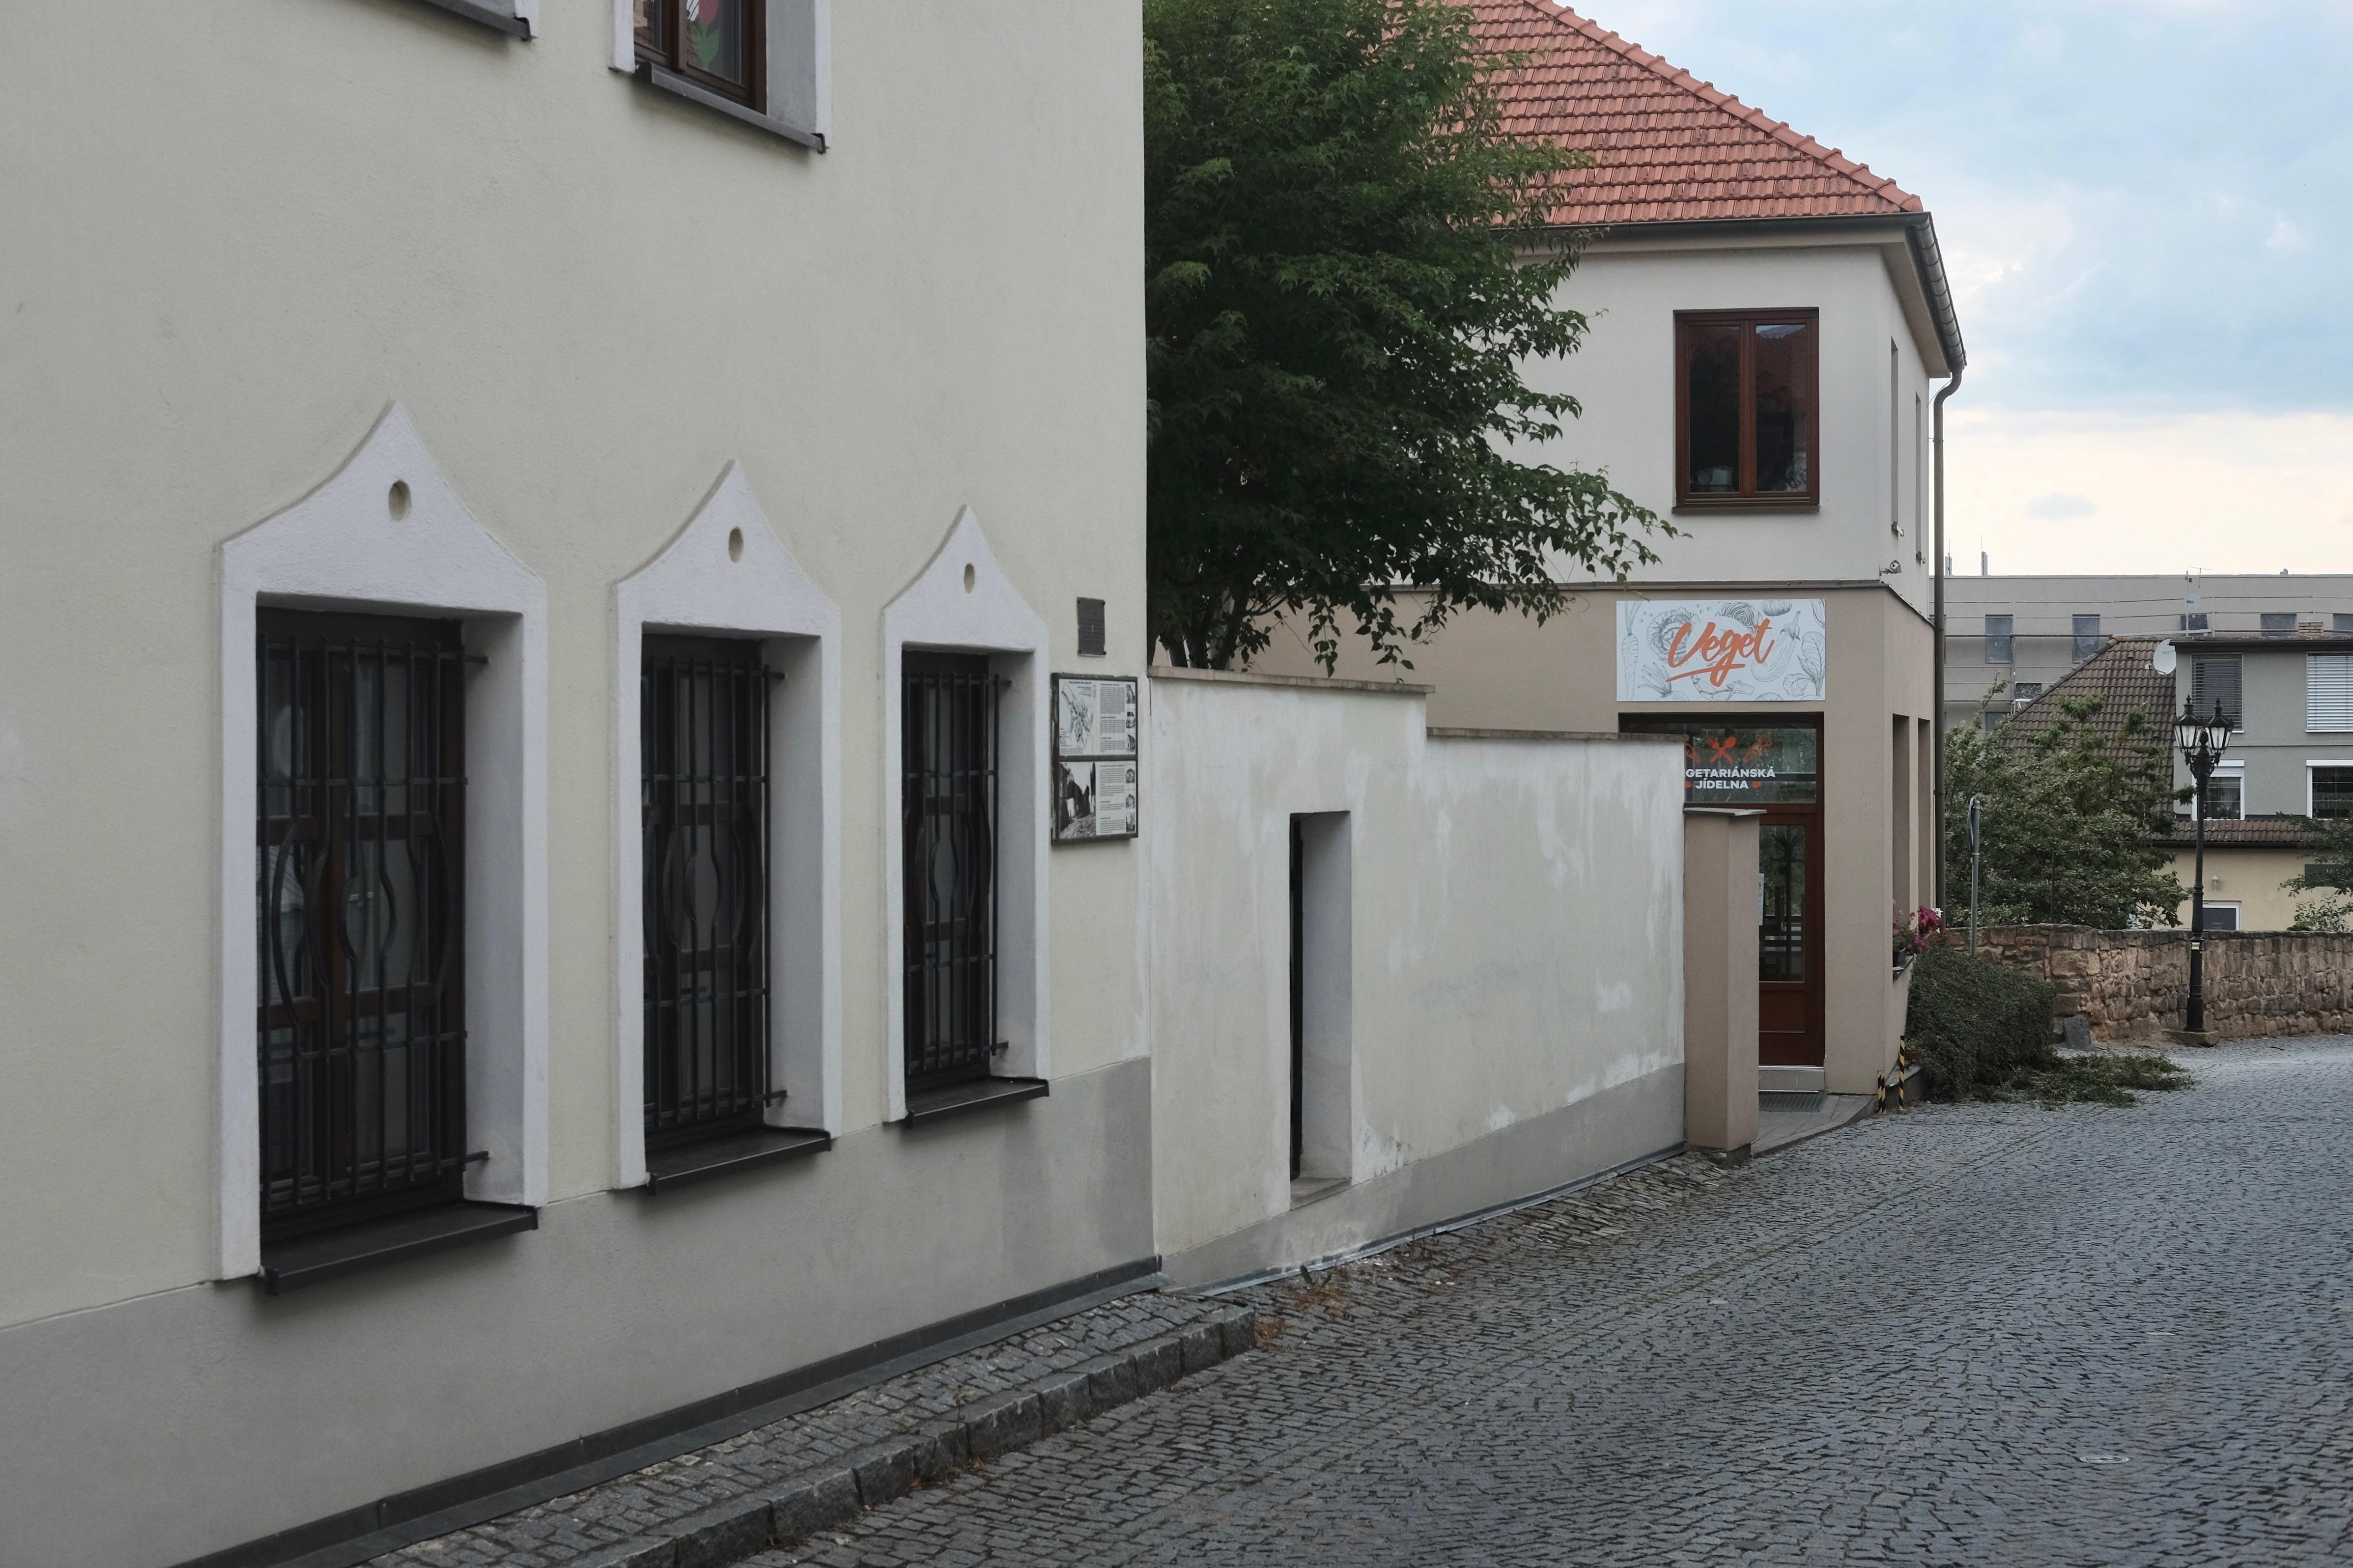 Ulice od synagogy kfarské zahradě